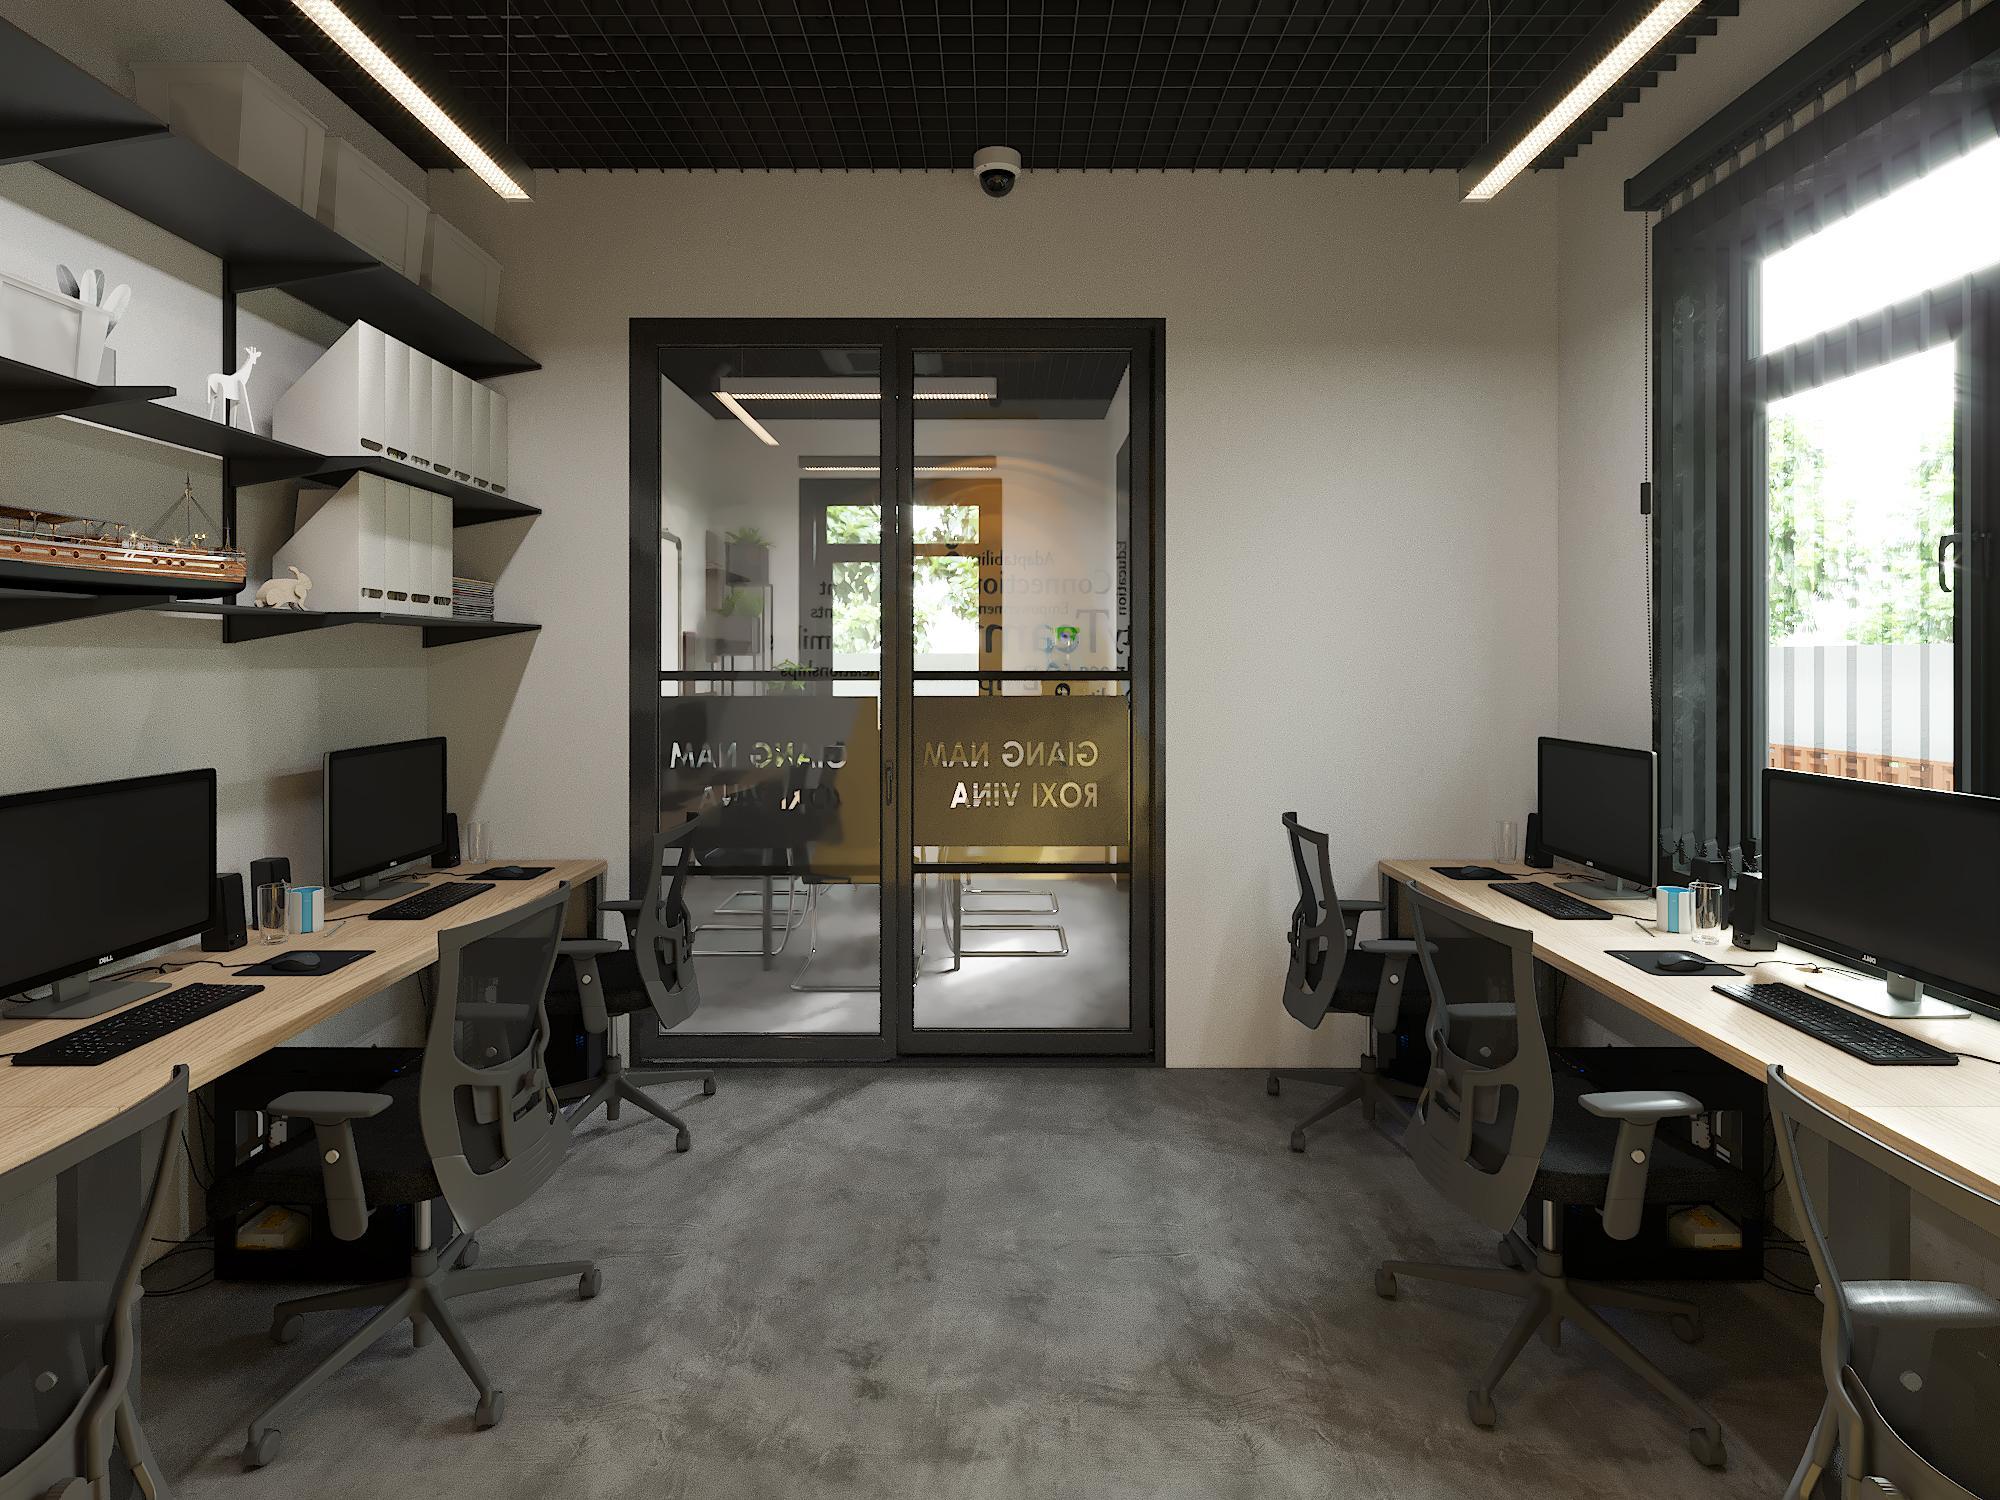 Thiết kế văn phòng được chia ra các phòng nhỏ tiện ích